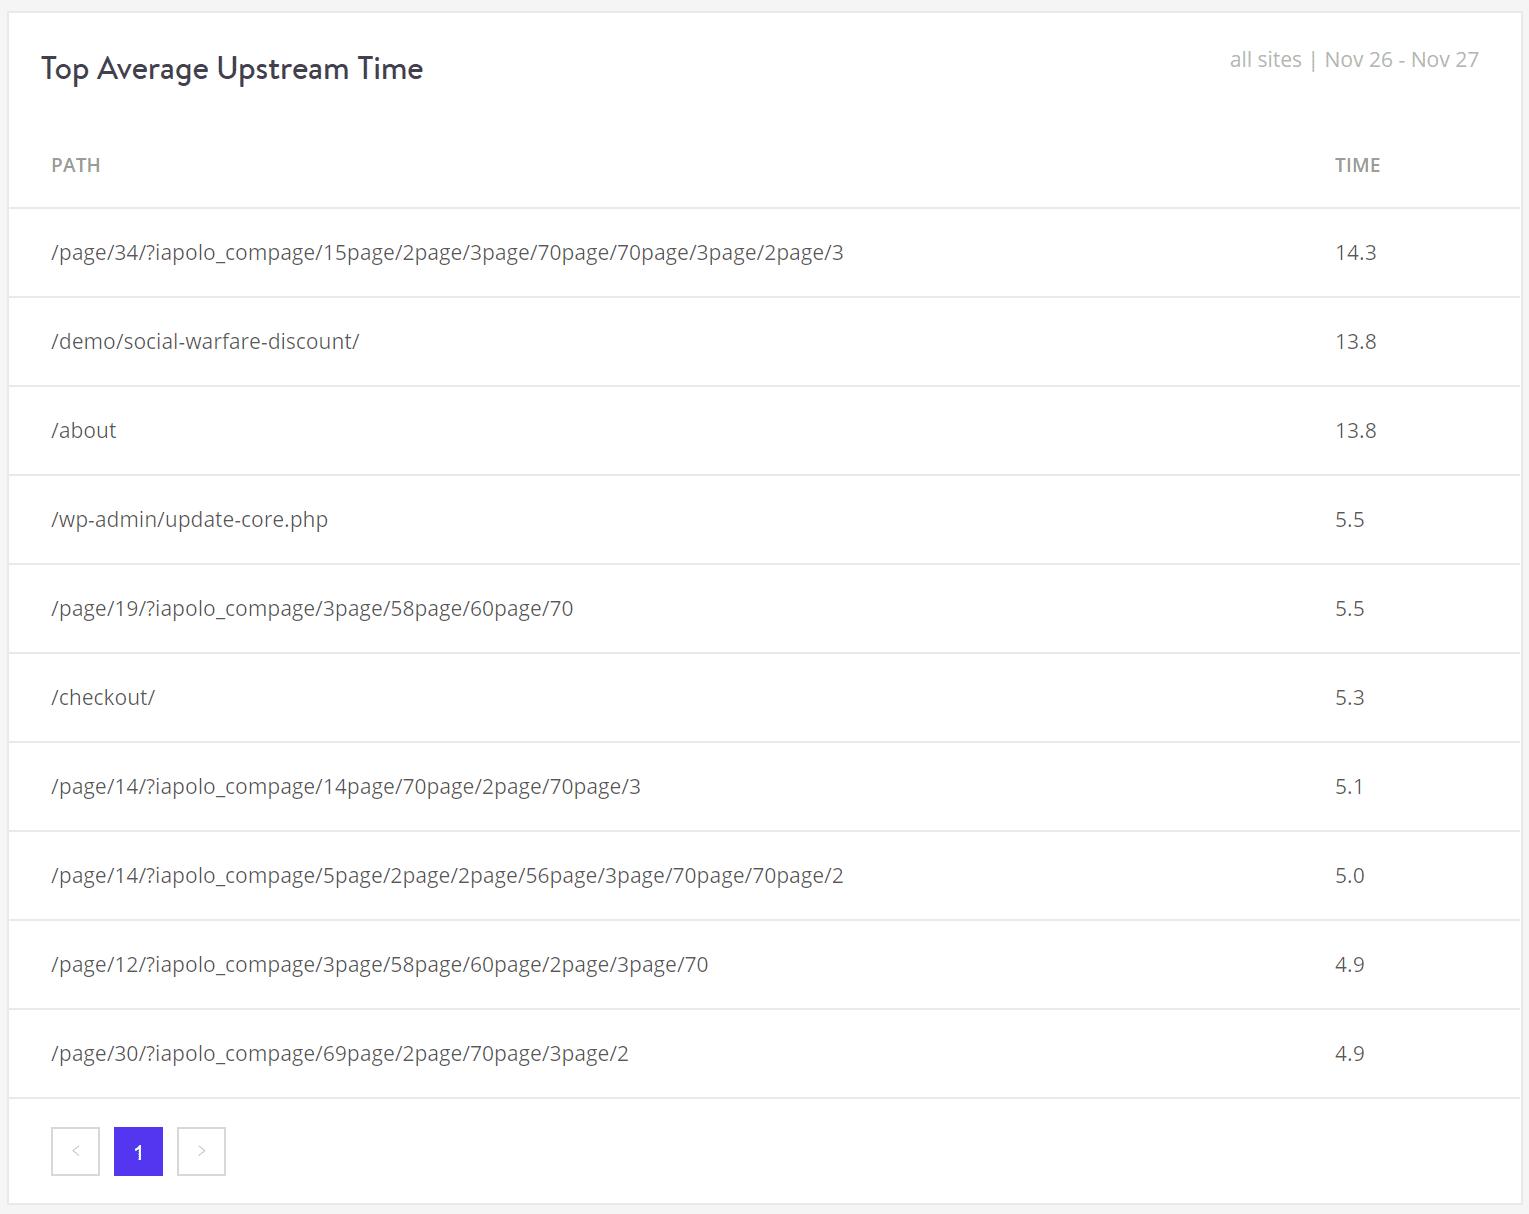 パフォーマンス:平均アップストリーム時間のトップリスト